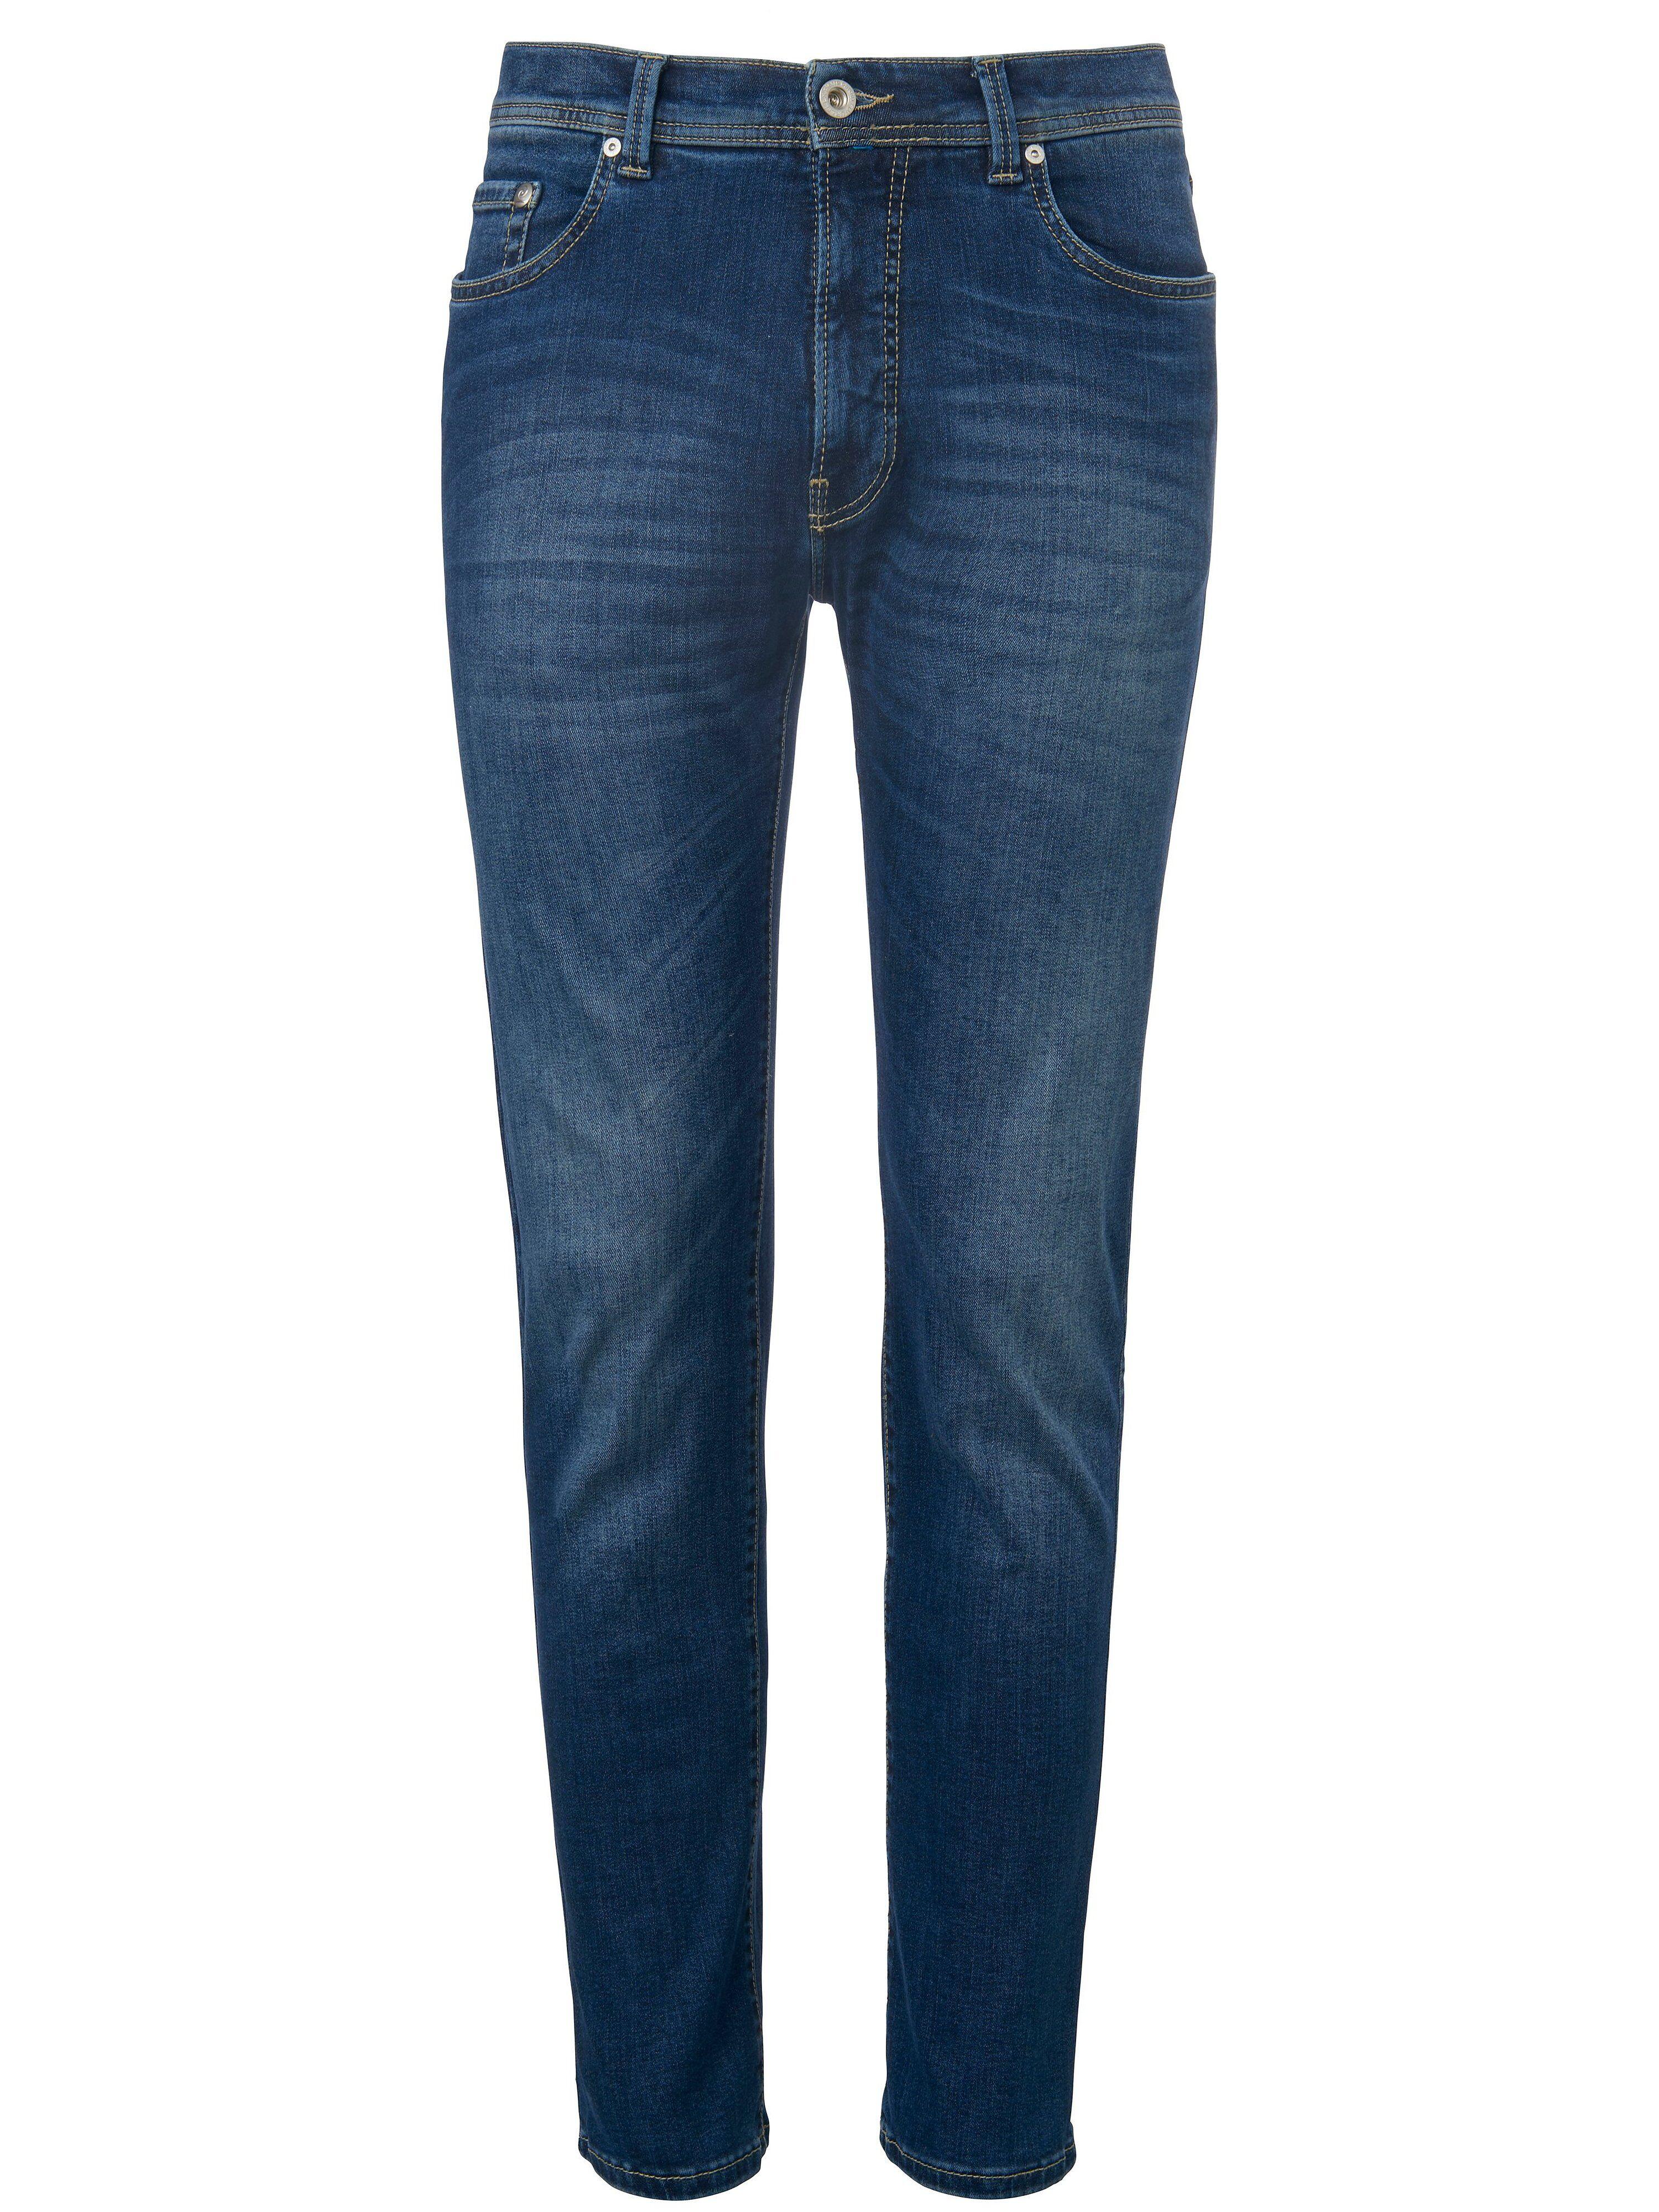 Pierre Cardin Le jean modèle Lyon Tapered  Pierre Cardin denim  - Homme - 50